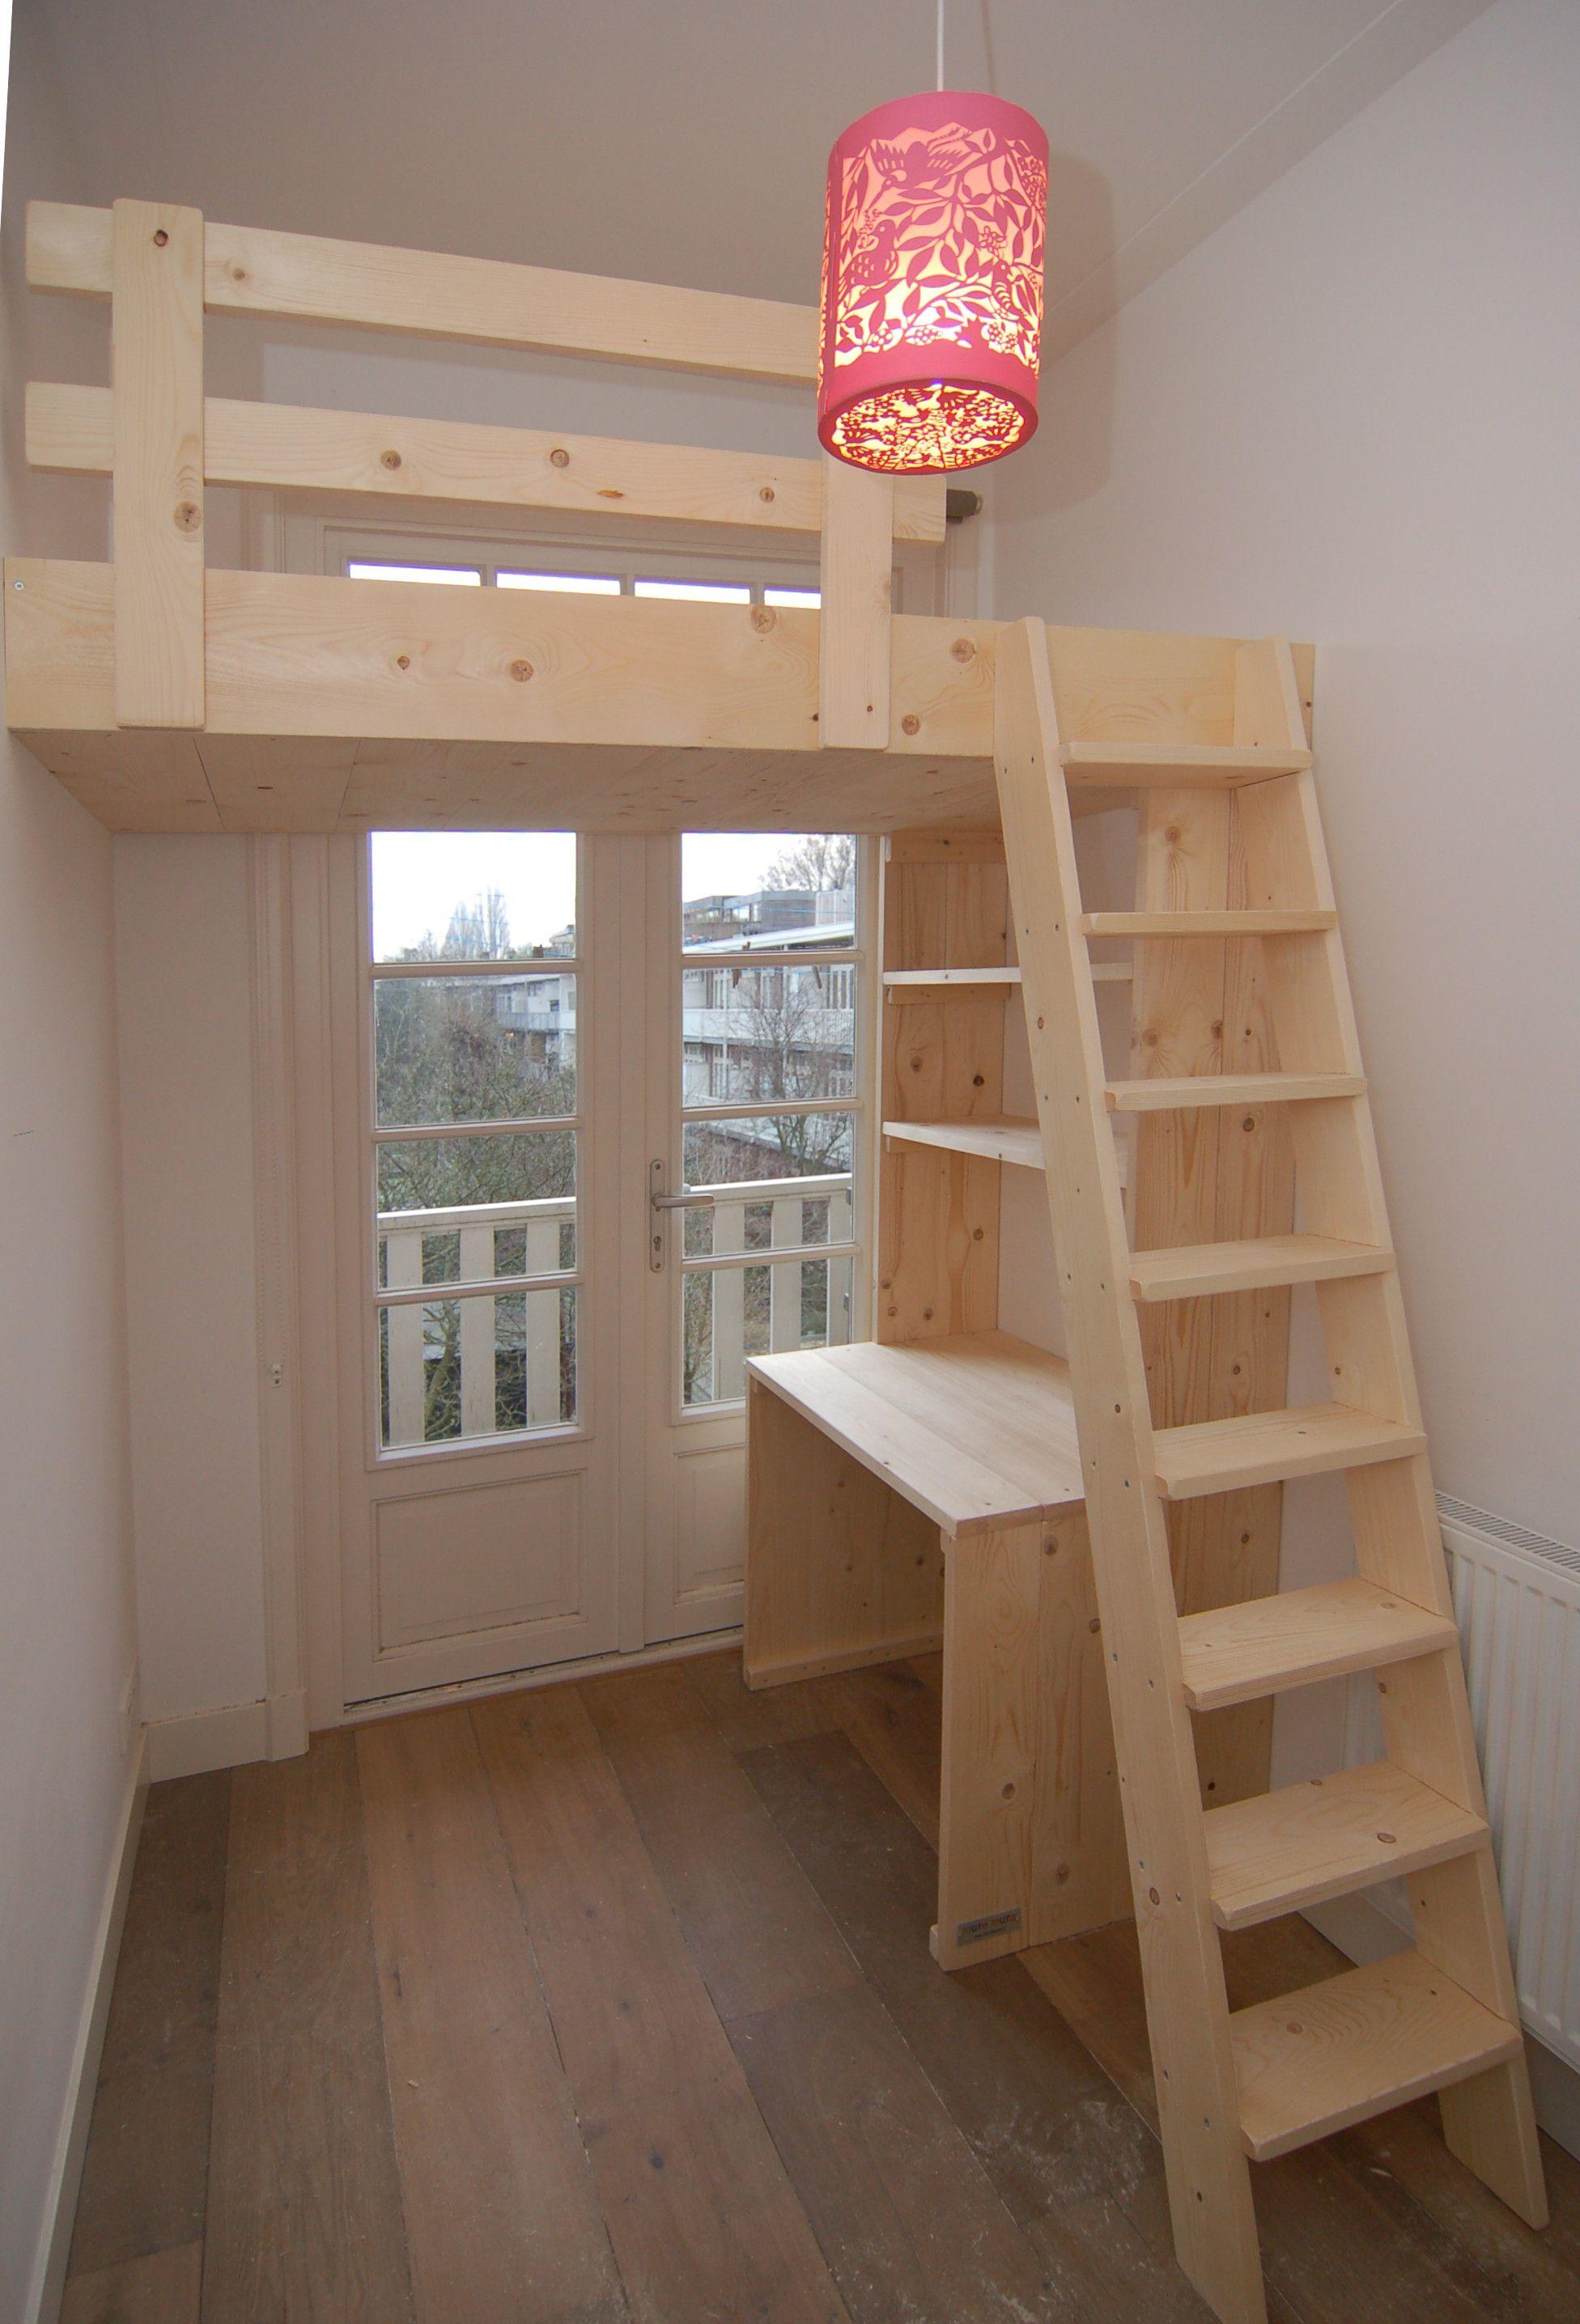 Loft bed with desk south africa  Sharon Barnett barmeybarnetts on Pinterest